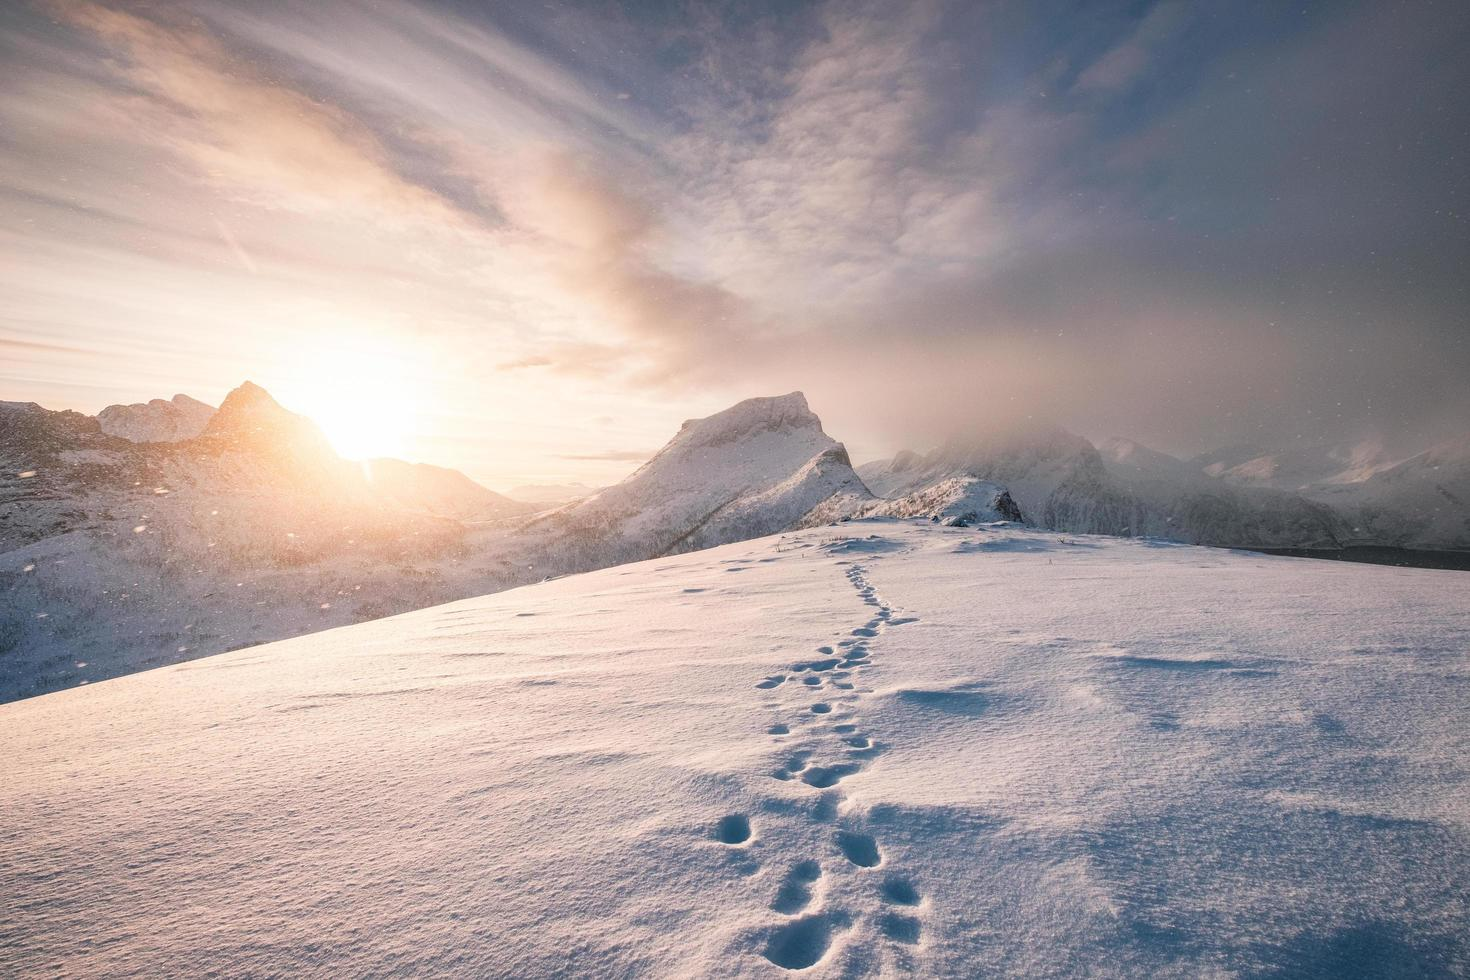 pegadas nevadas no cume da montanha foto